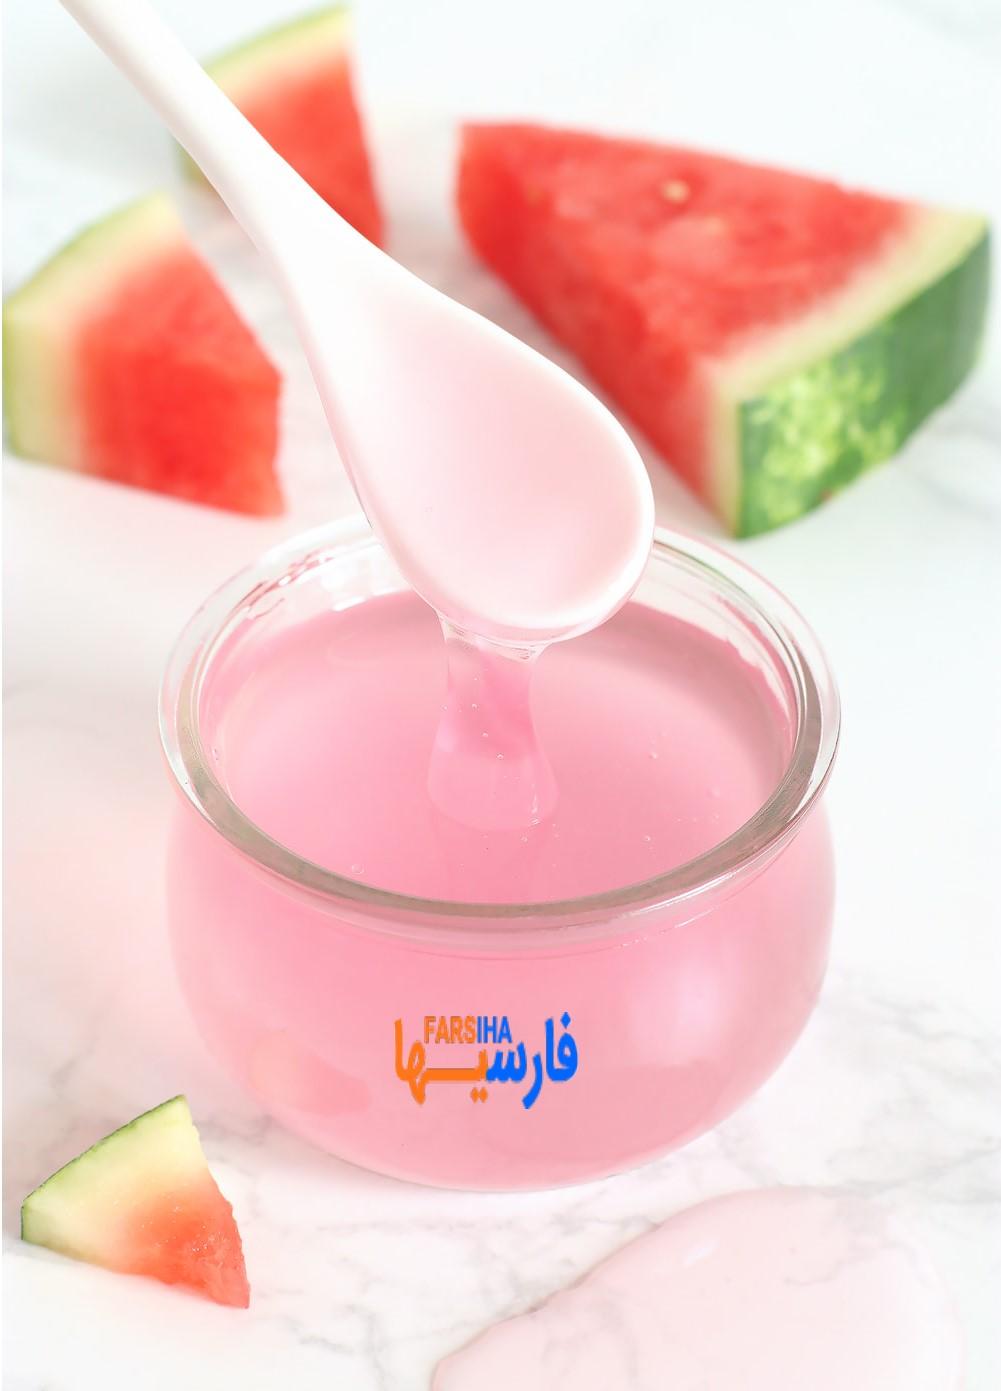 طرز تهیه ماسک هندوانه برای درخشان شدن پوست